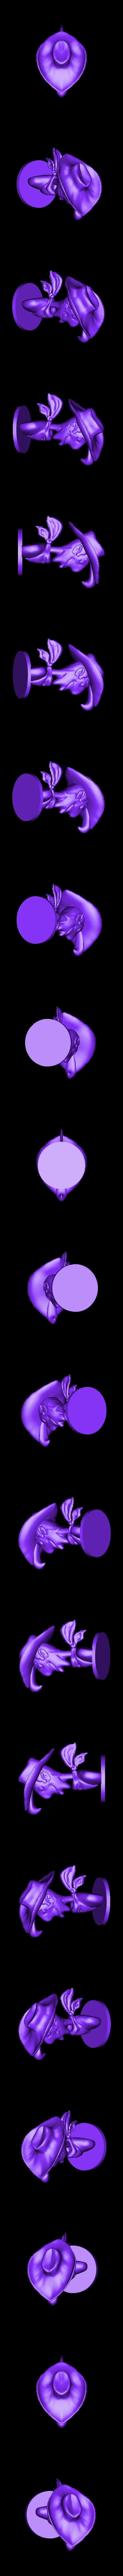 lucky_luke.obj Télécharger fichier OBJ gratuit Lucky lucke de Morris • Modèle pour imprimante 3D, MisterDiD